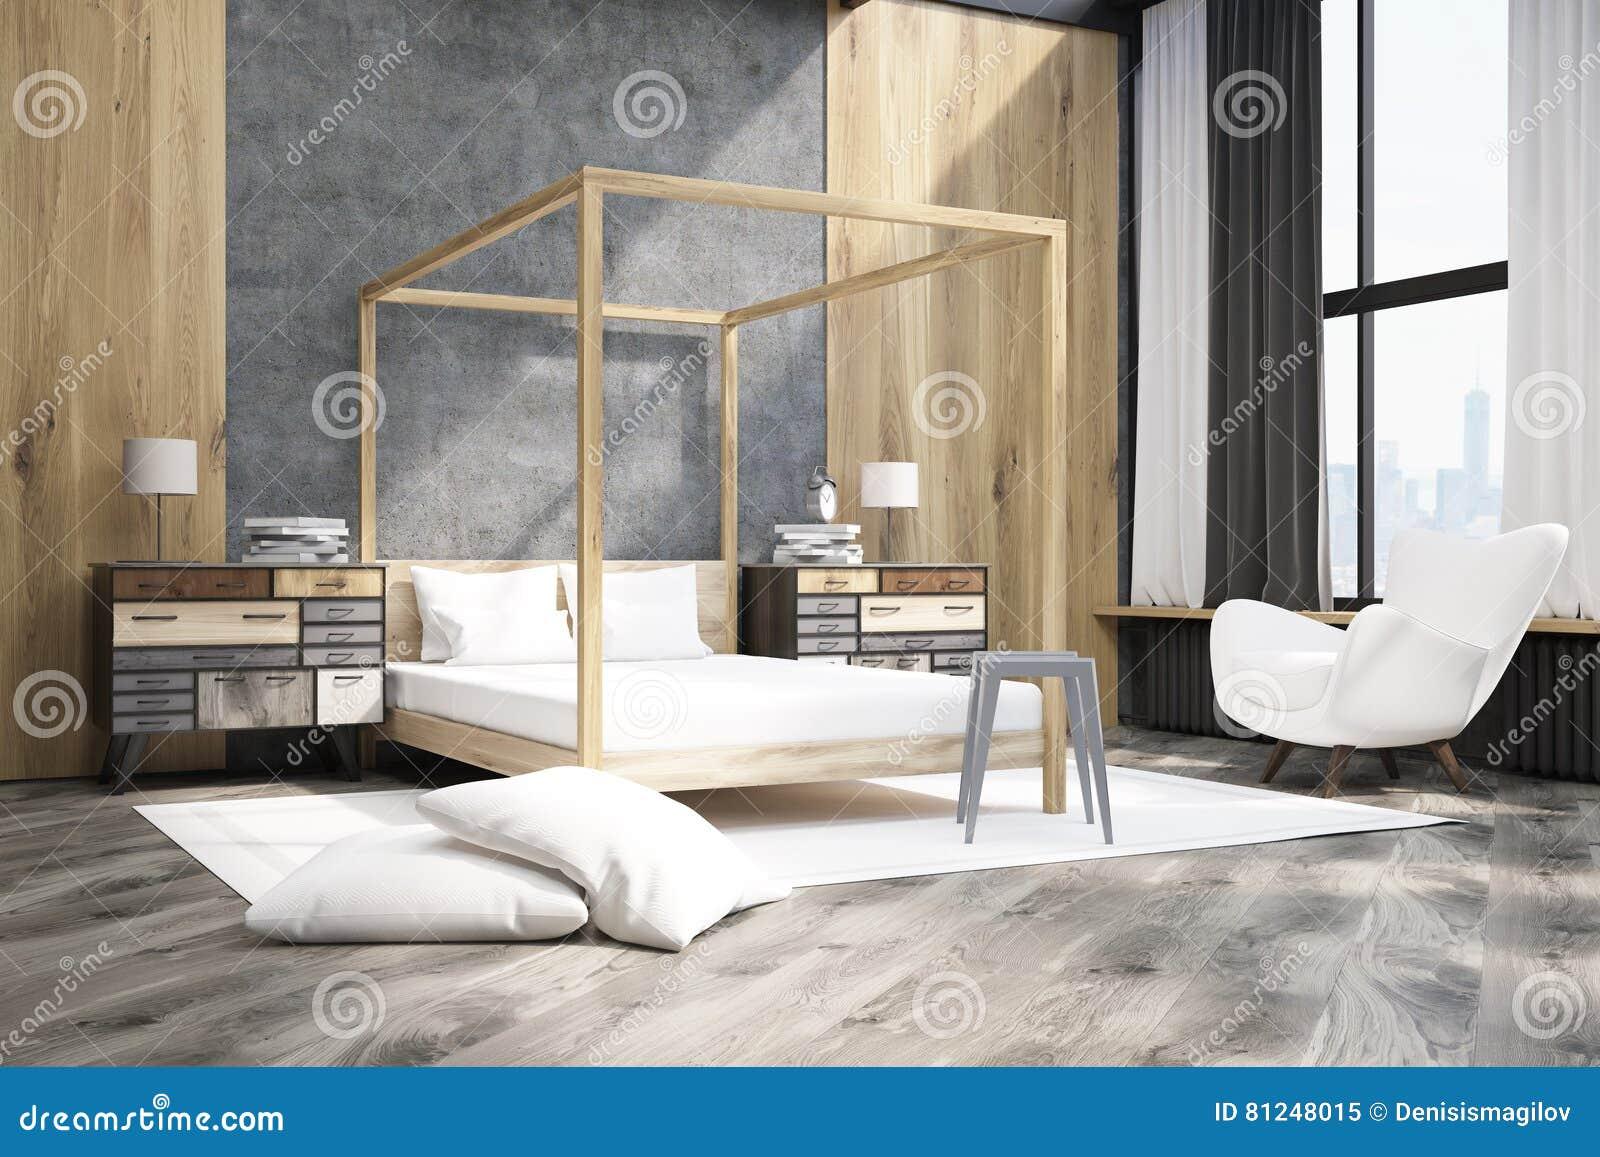 Grote Posters Slaapkamer : Zijaanzicht van een slaapkamer met bed met pilaren stock